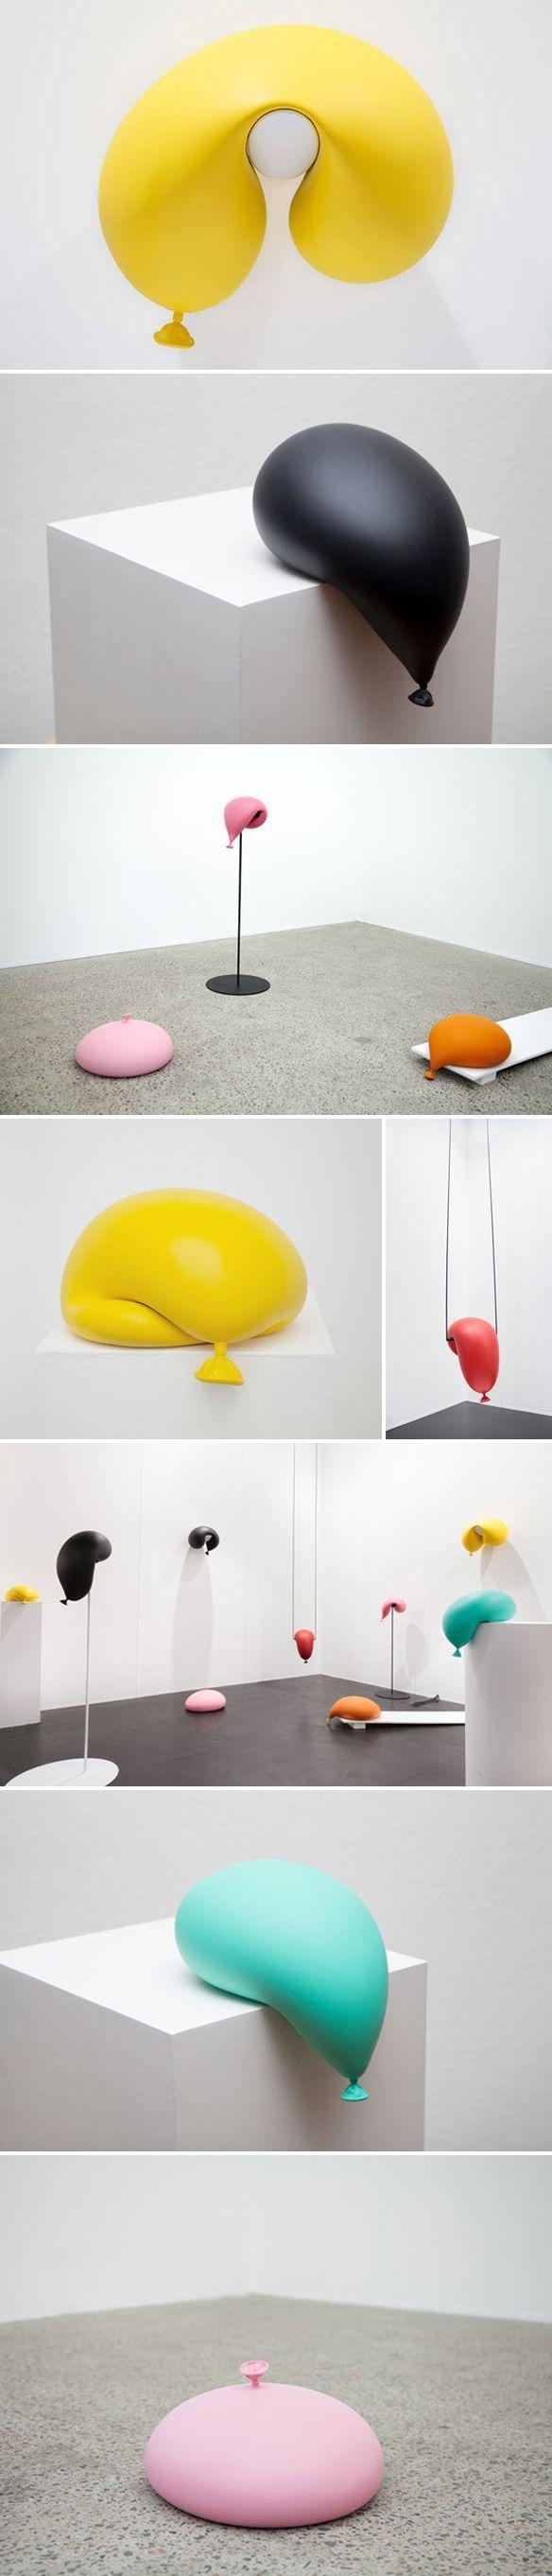 Todd Robinson - Balloons (kinda)